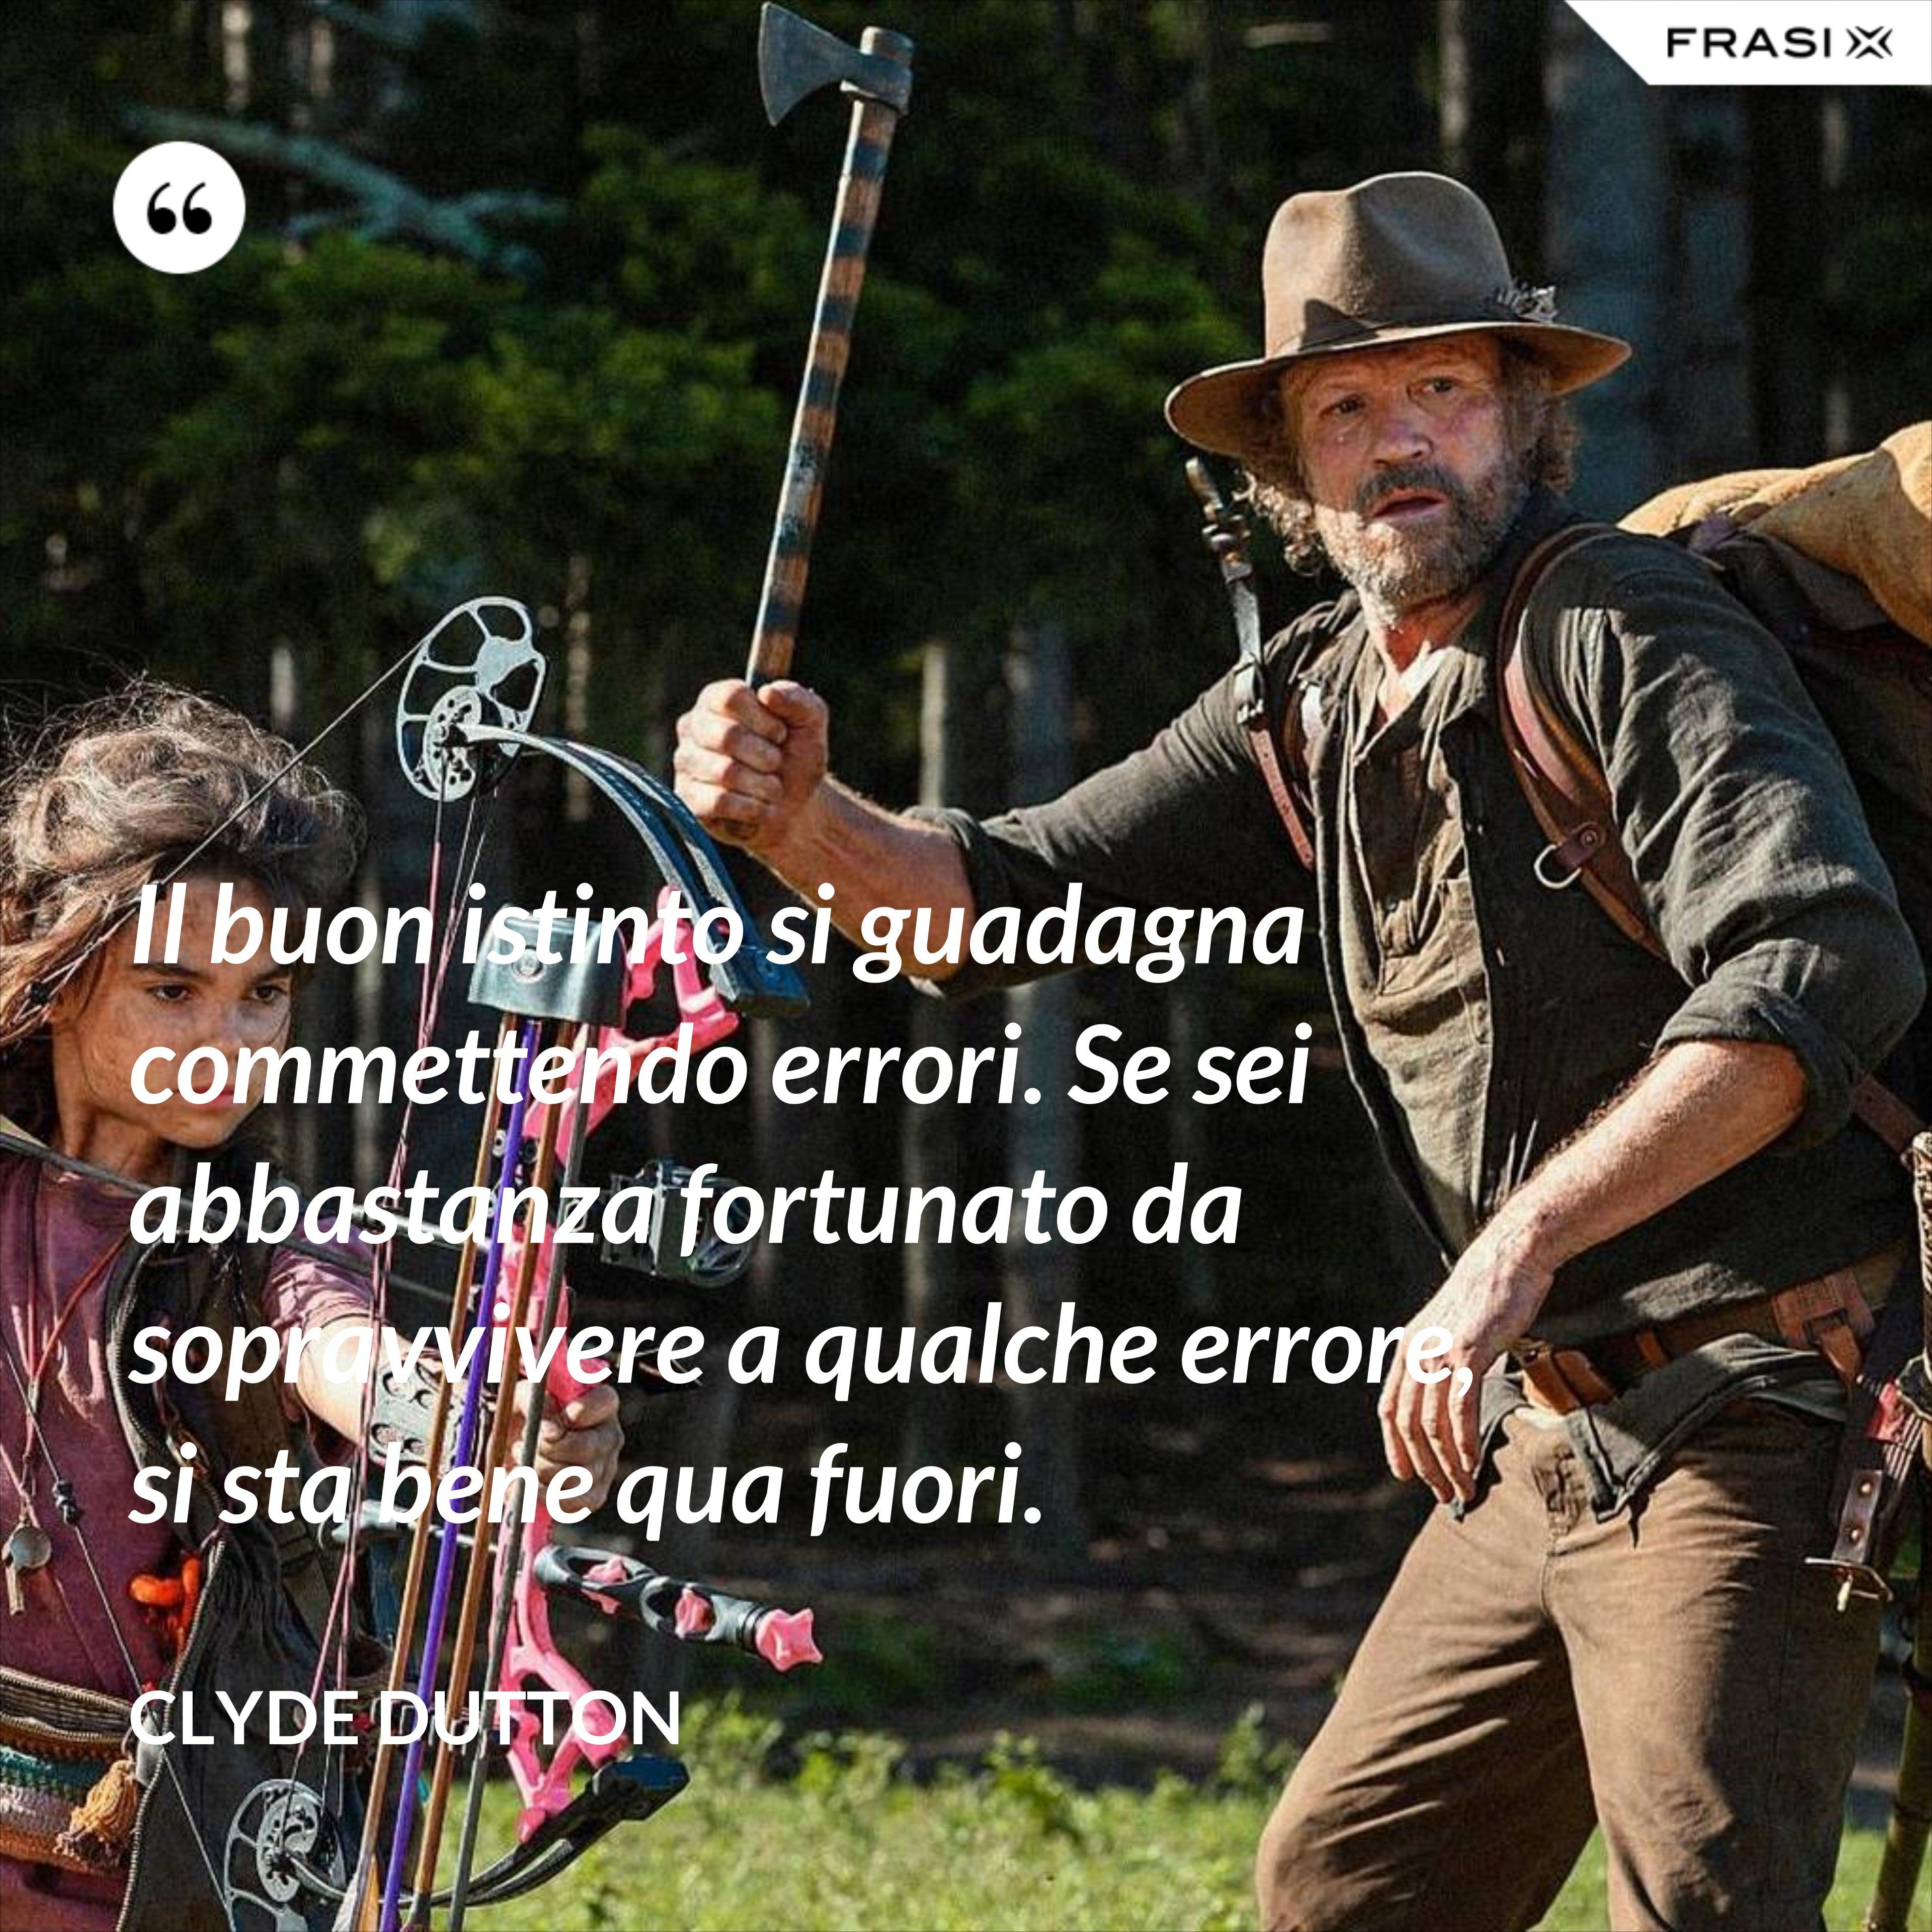 Il buon istinto si guadagna commettendo errori. Se sei abbastanza fortunato da sopravvivere a qualche errore, si sta bene qua fuori. - Clyde Dutton